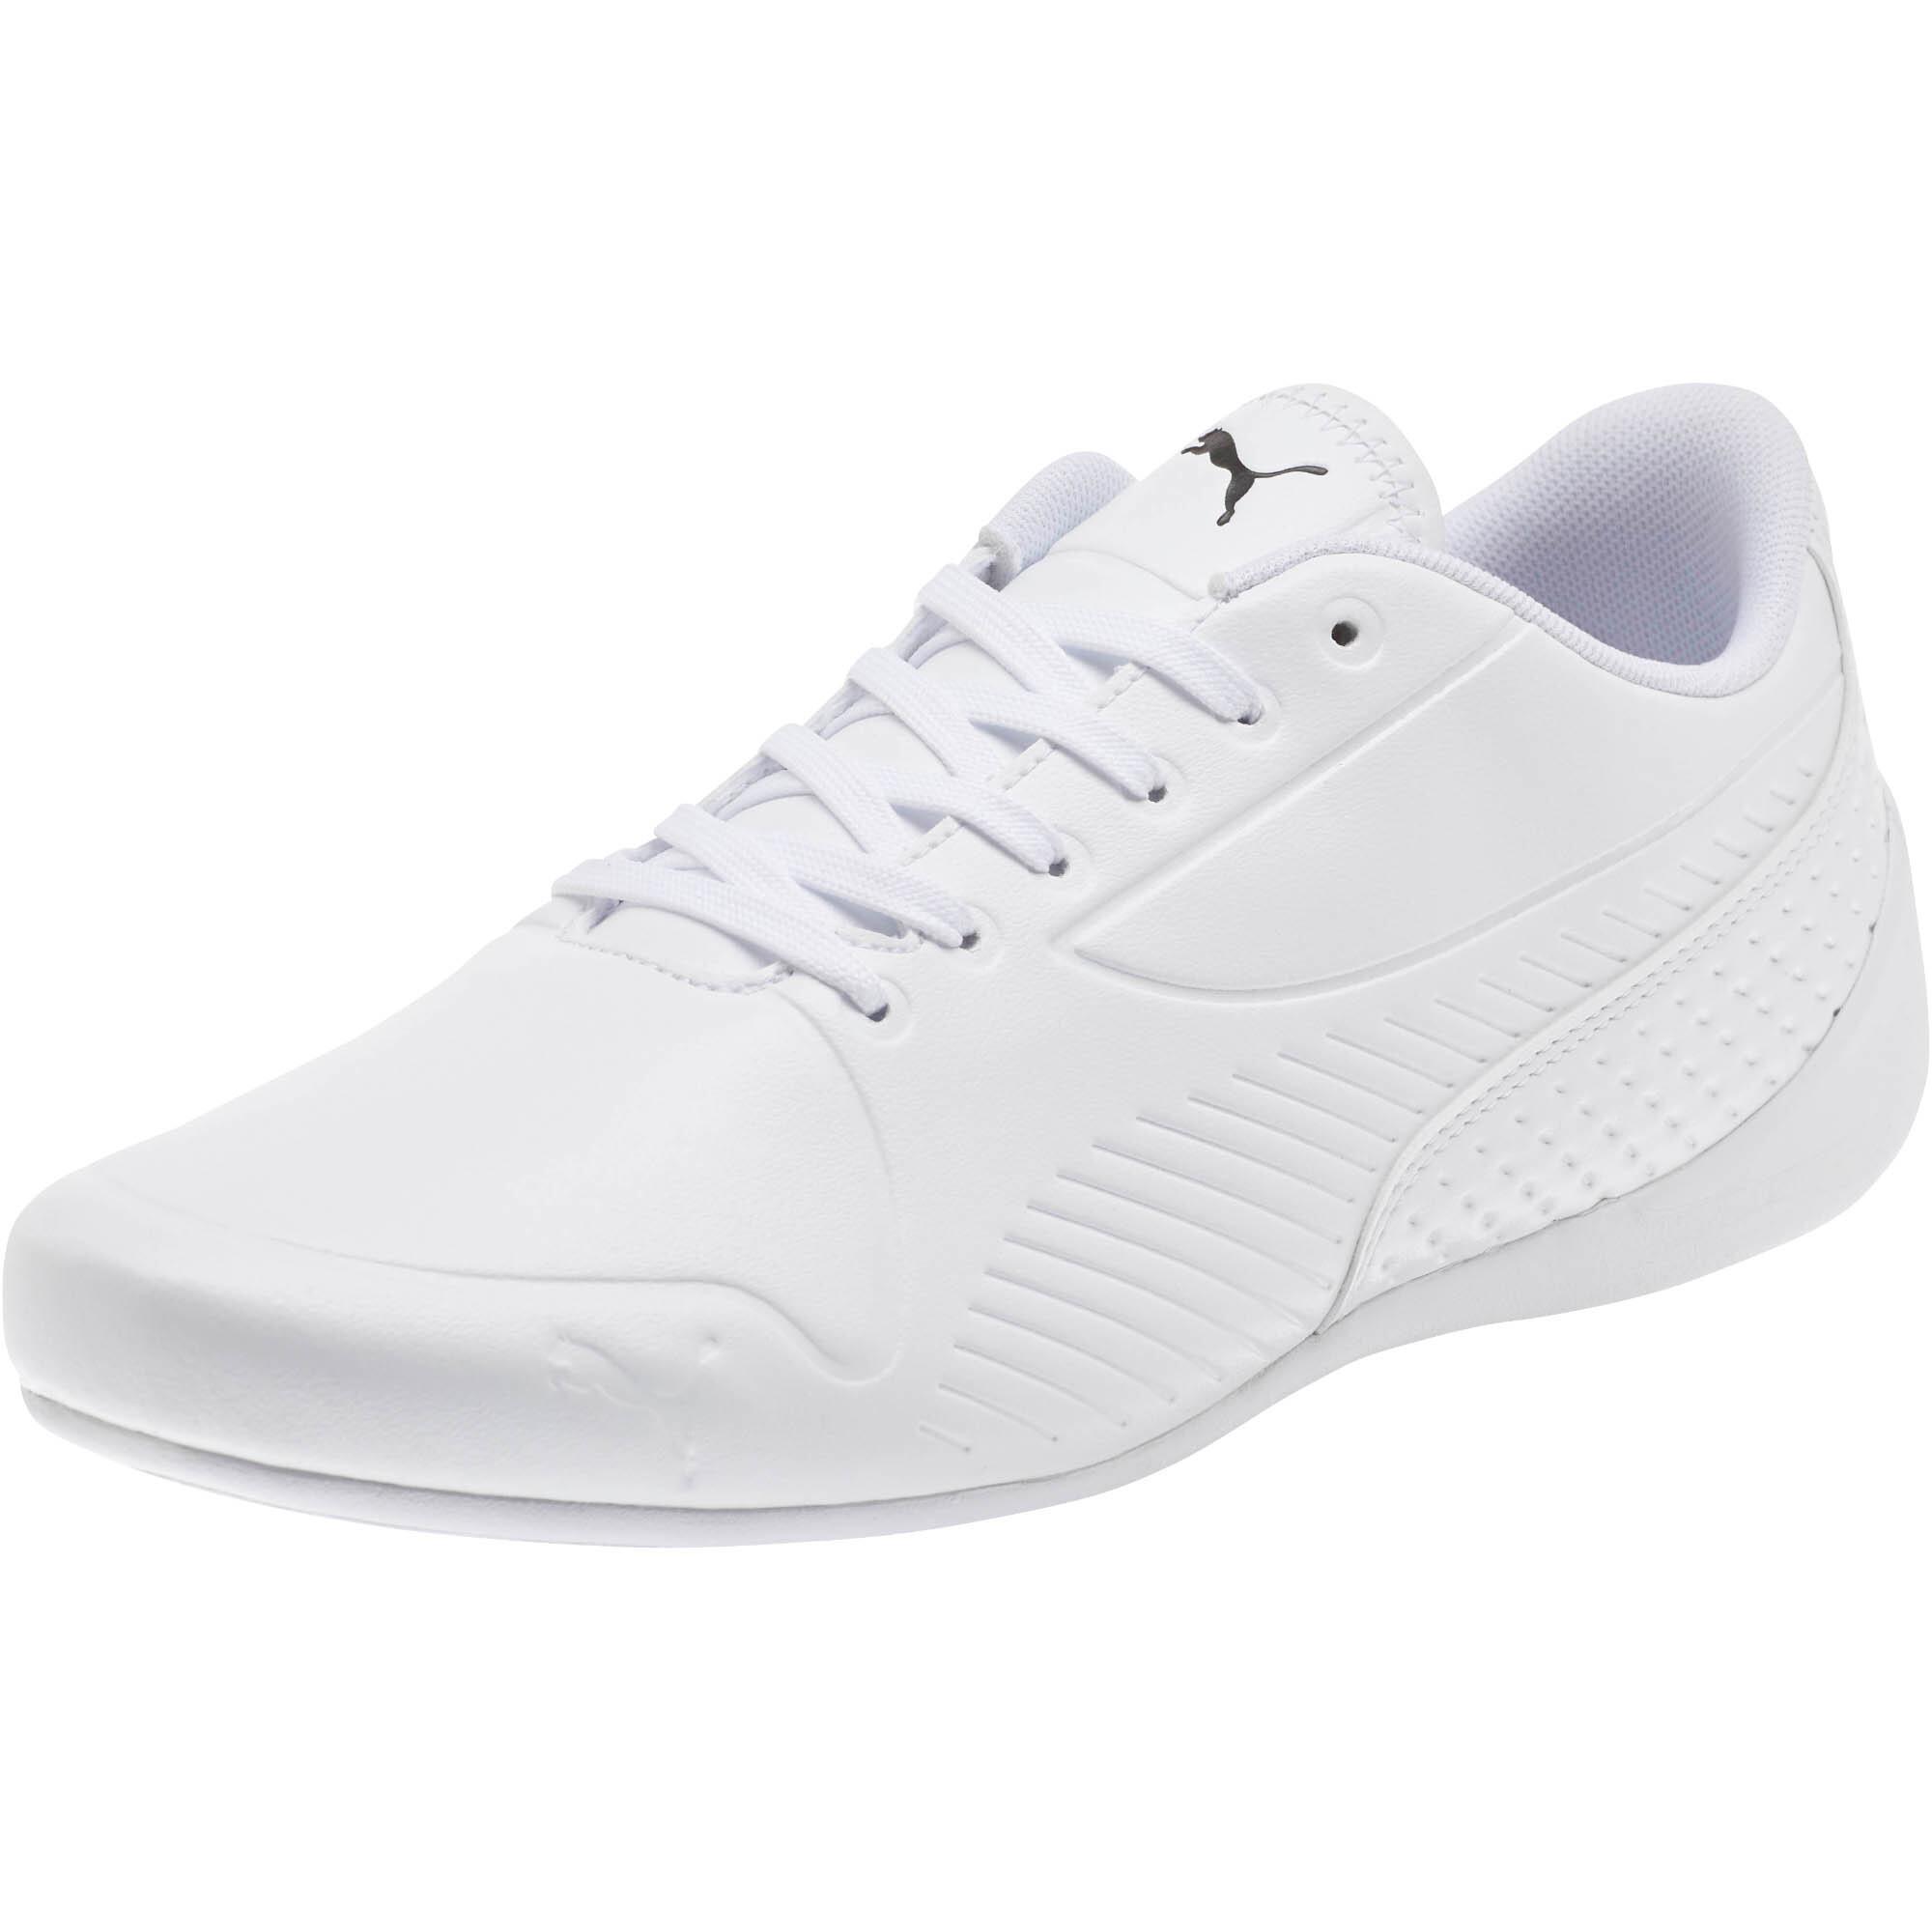 PUMA-Drift-Cat-7S-Ultra-Men-039-s-Shoes-Men-Shoe-Basics thumbnail 9